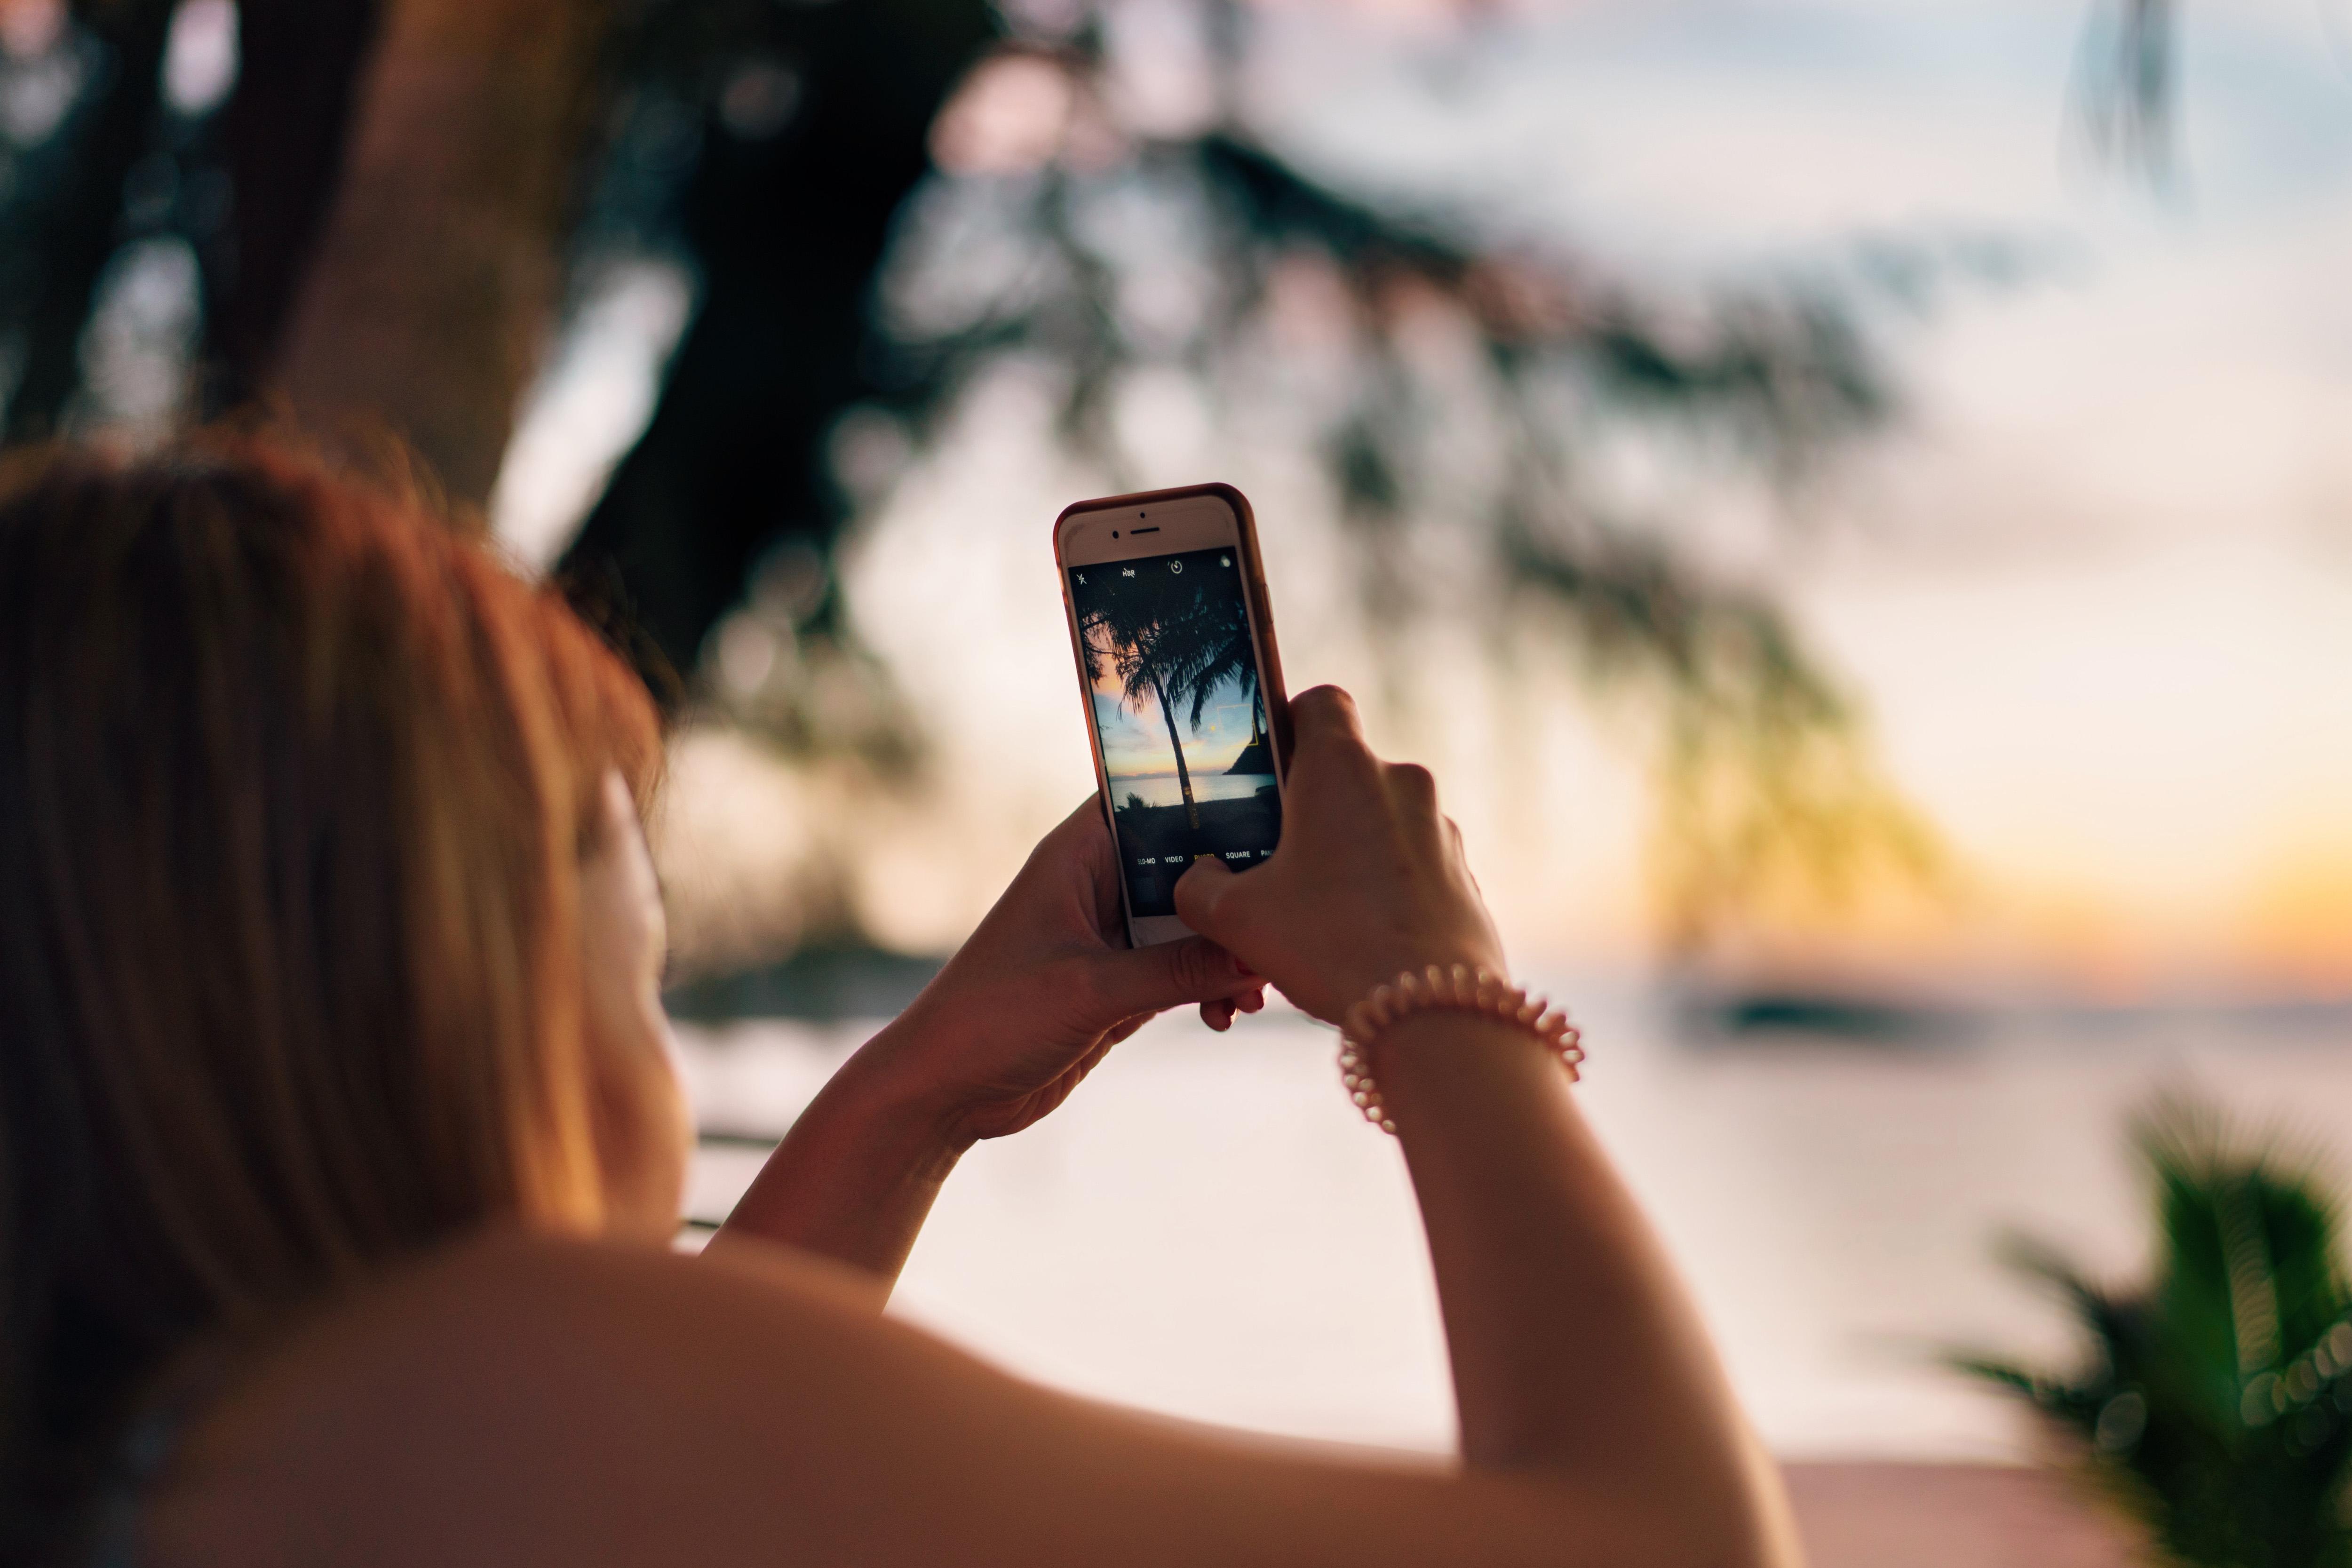 картинки фоткать на телефон рудову заметили отдыхе